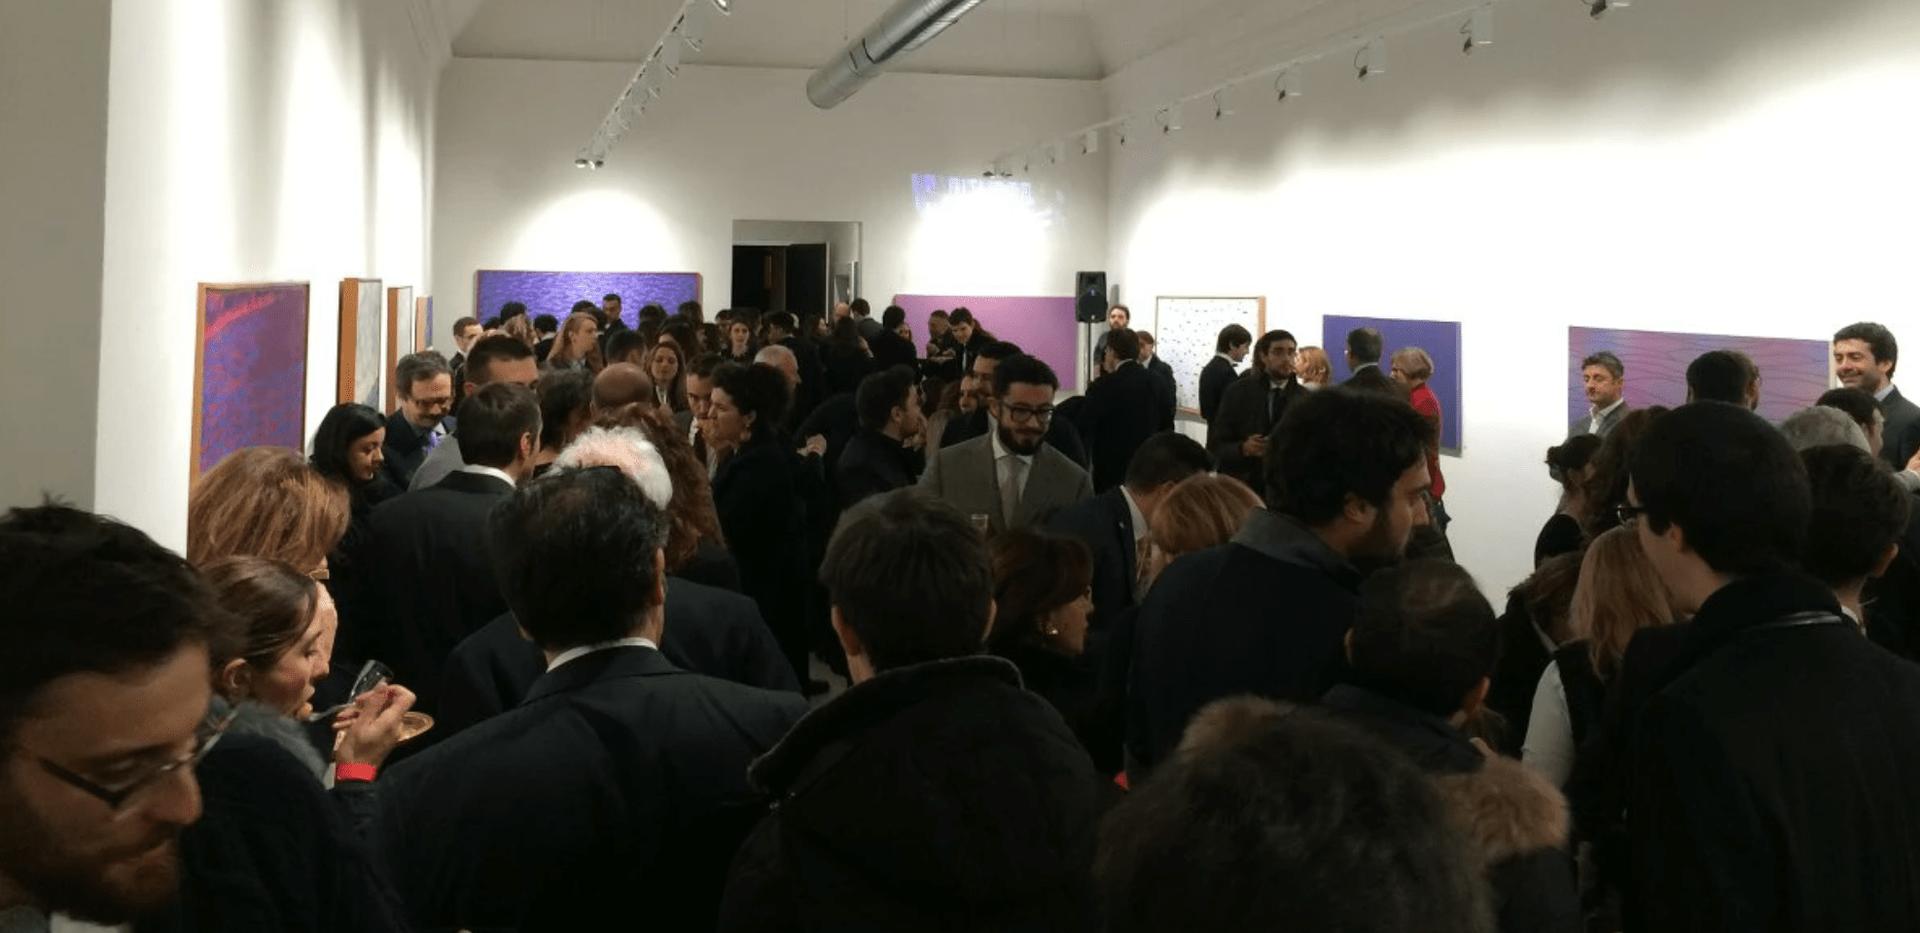 carlo battaglia labs gallery 6.png